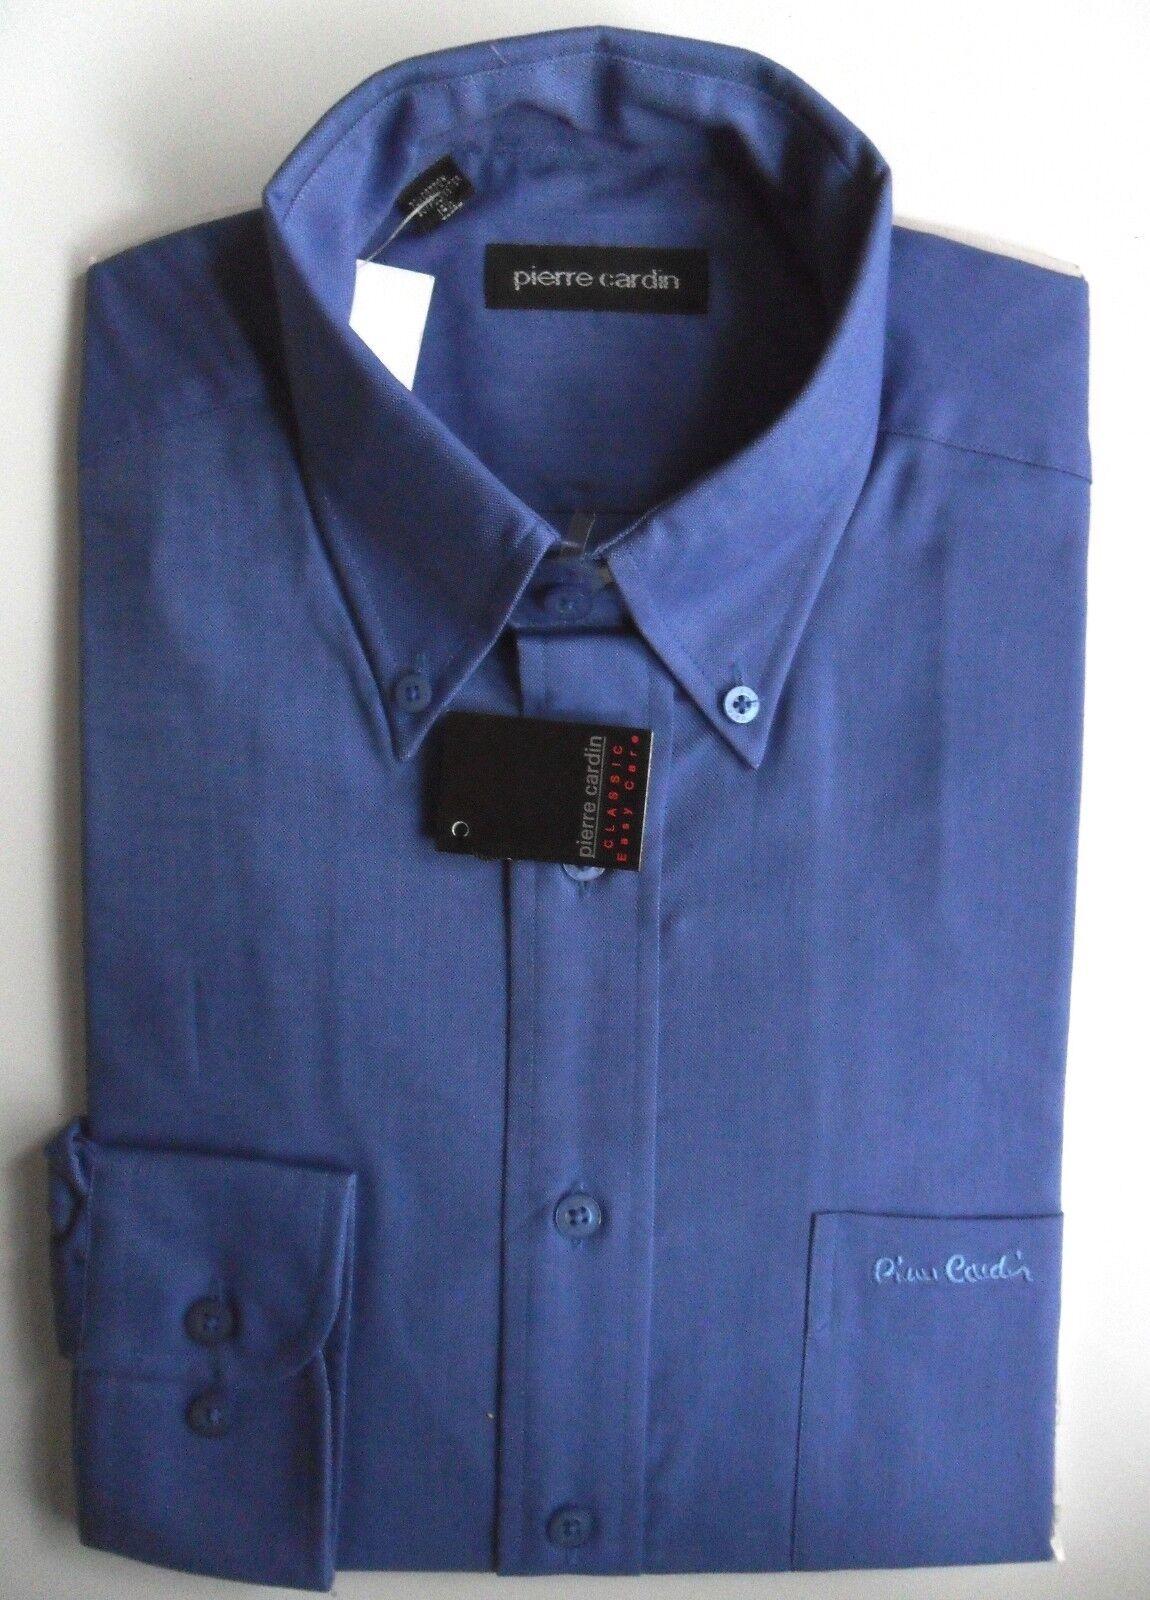 Pierre CARDIN Camicia Oxford Da Uomo A Maniche Lunghe Colletto Con Bottoni Blu Cobalto